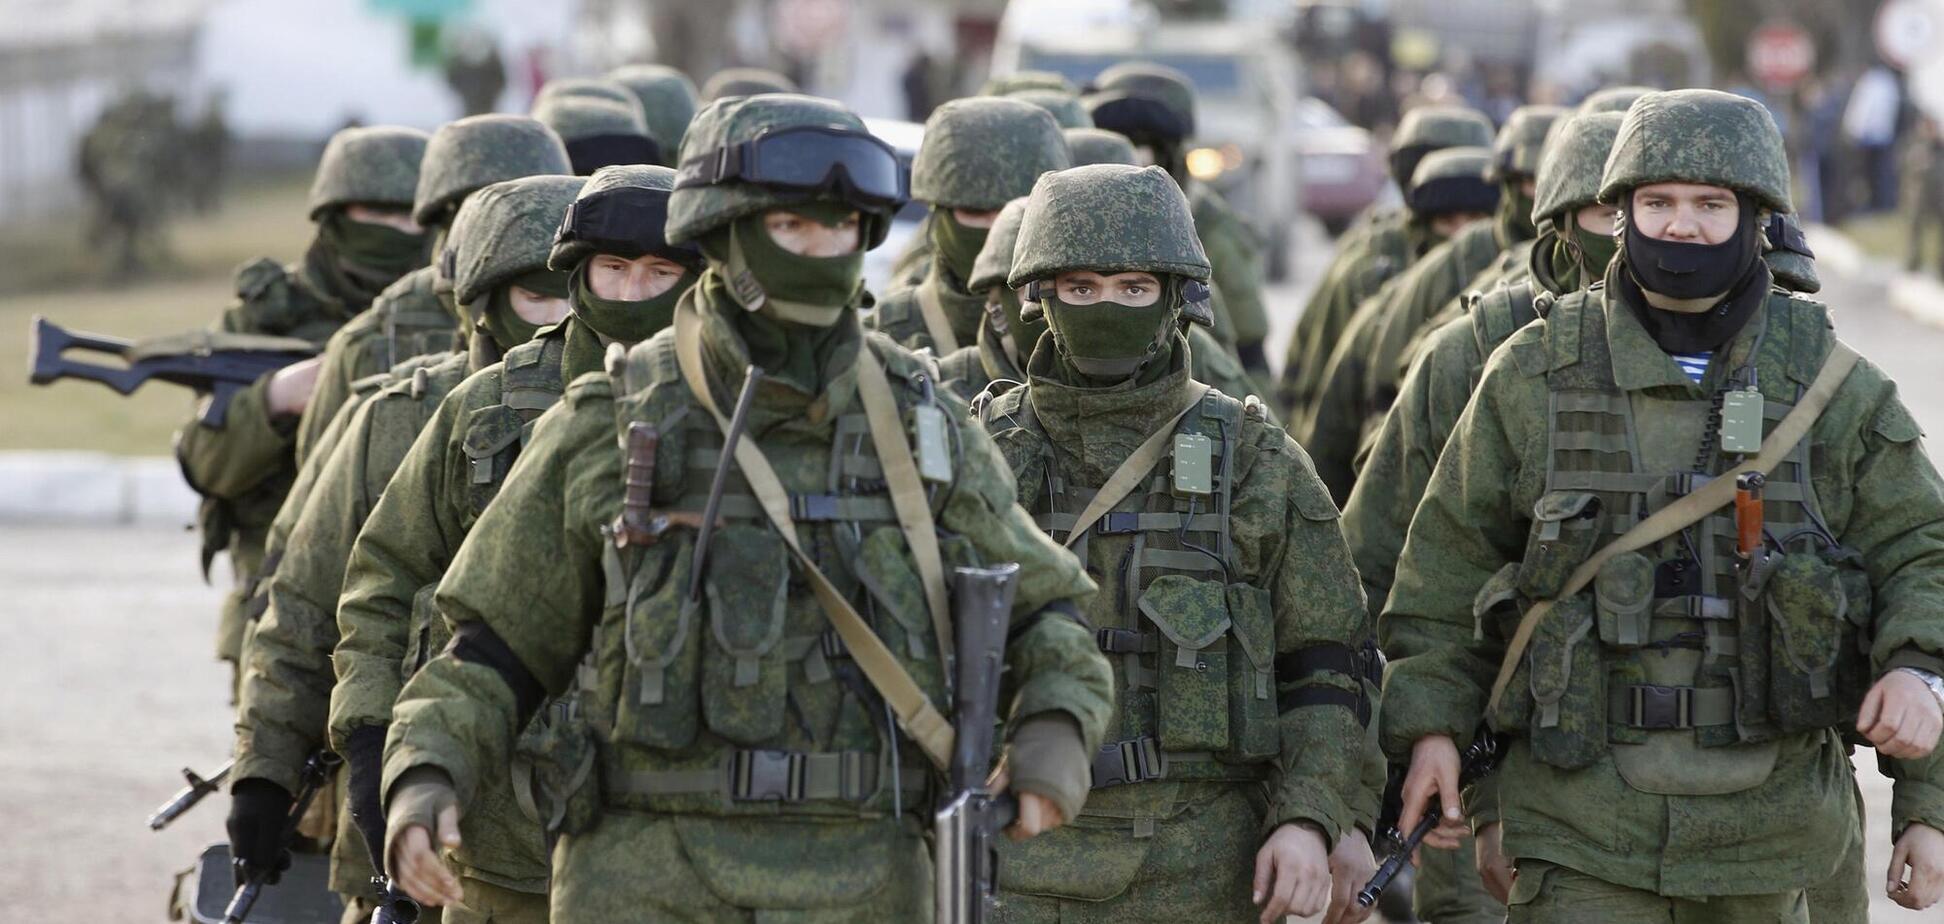 Российские войска без опознавательных знаков в марте 2014 года оккупировала украинский полуостров Крым